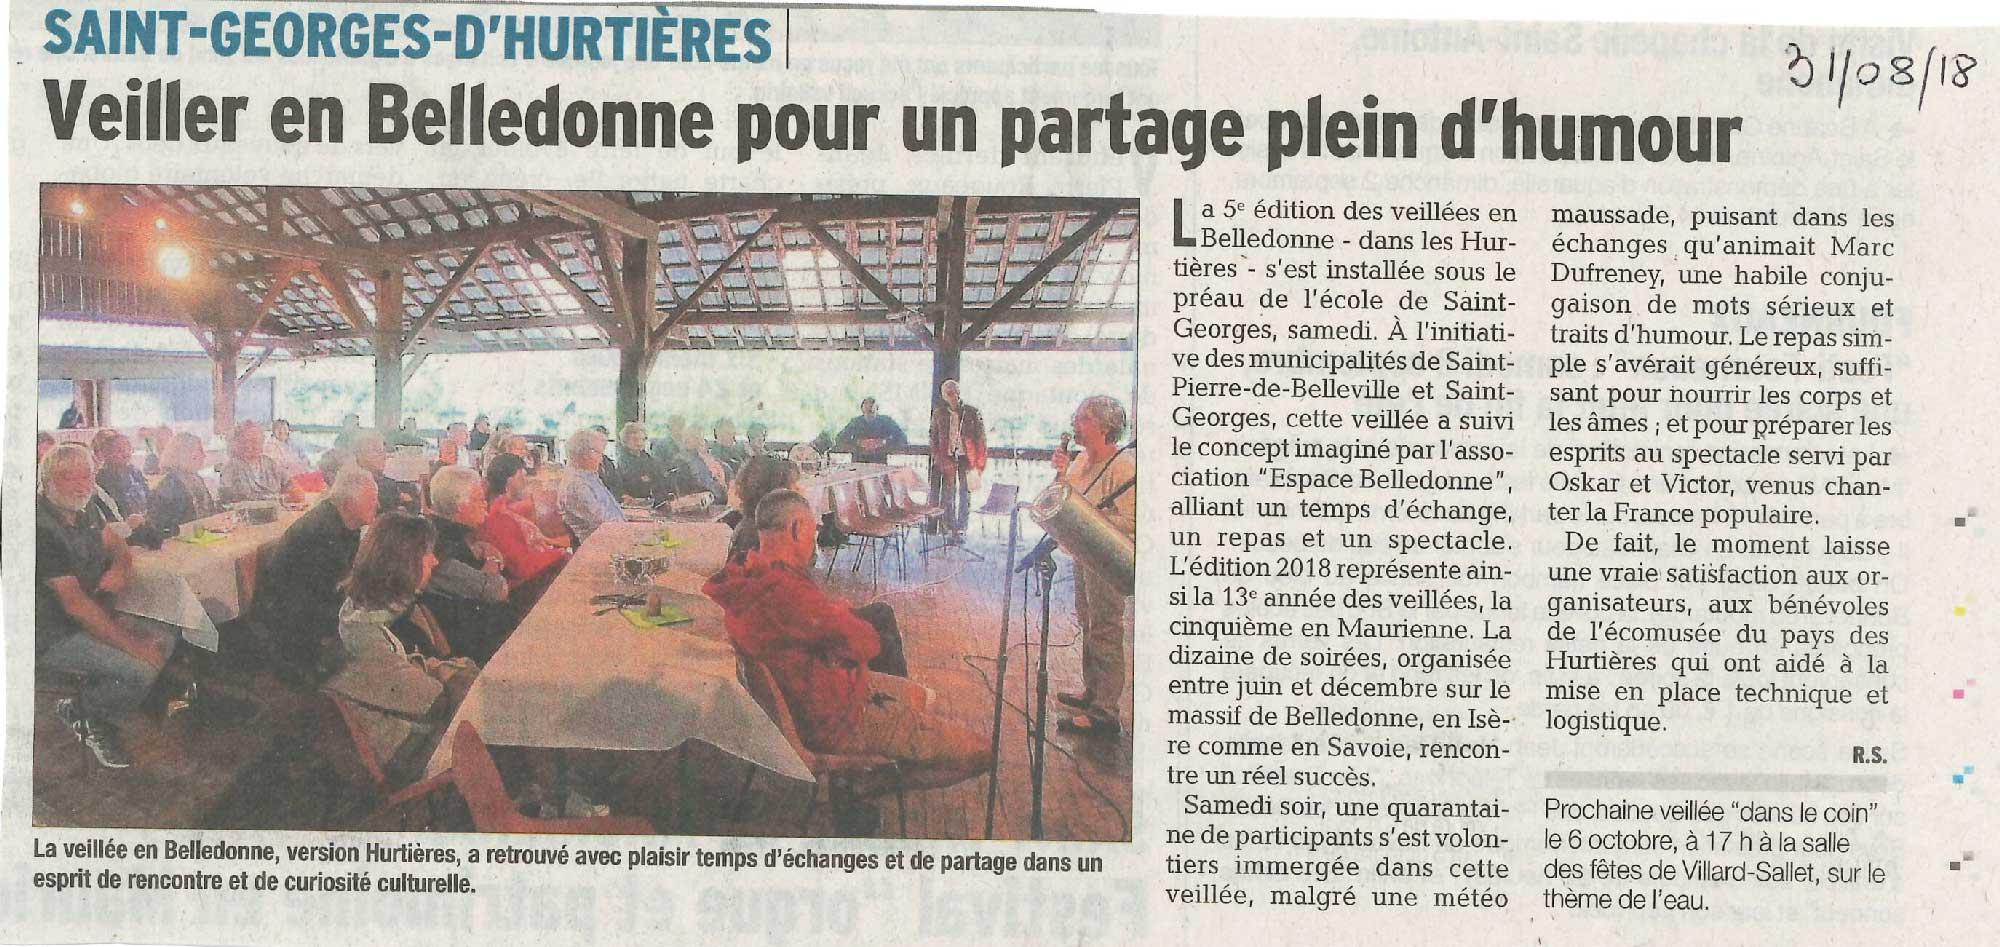 Extrait du Dauphiné Libéré, article sur la veillée à Saint Georges d'Hurtières dans le cadre de Belledonne et veillées.